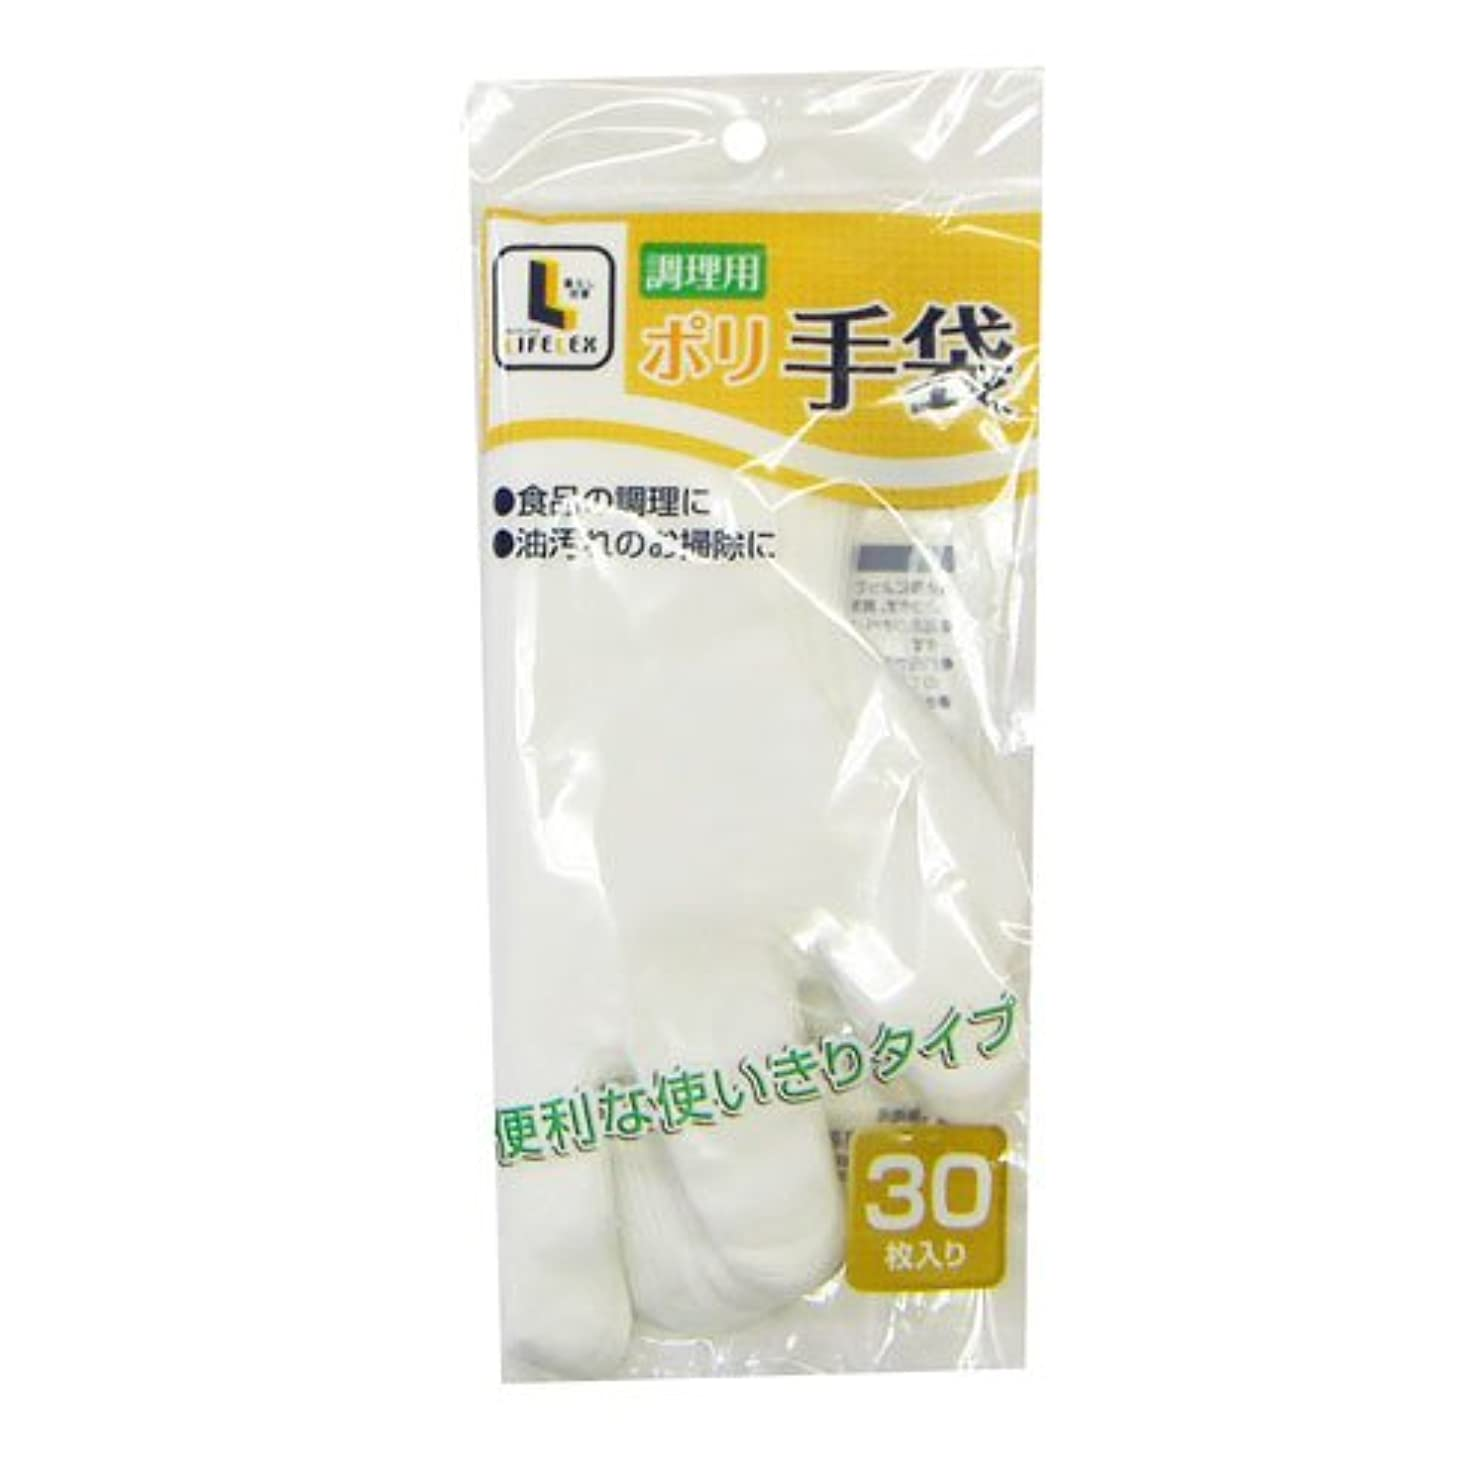 バインドグリット申請者コーナンオリジナル 調理用ポリ手袋 30枚入 KHD05-7510